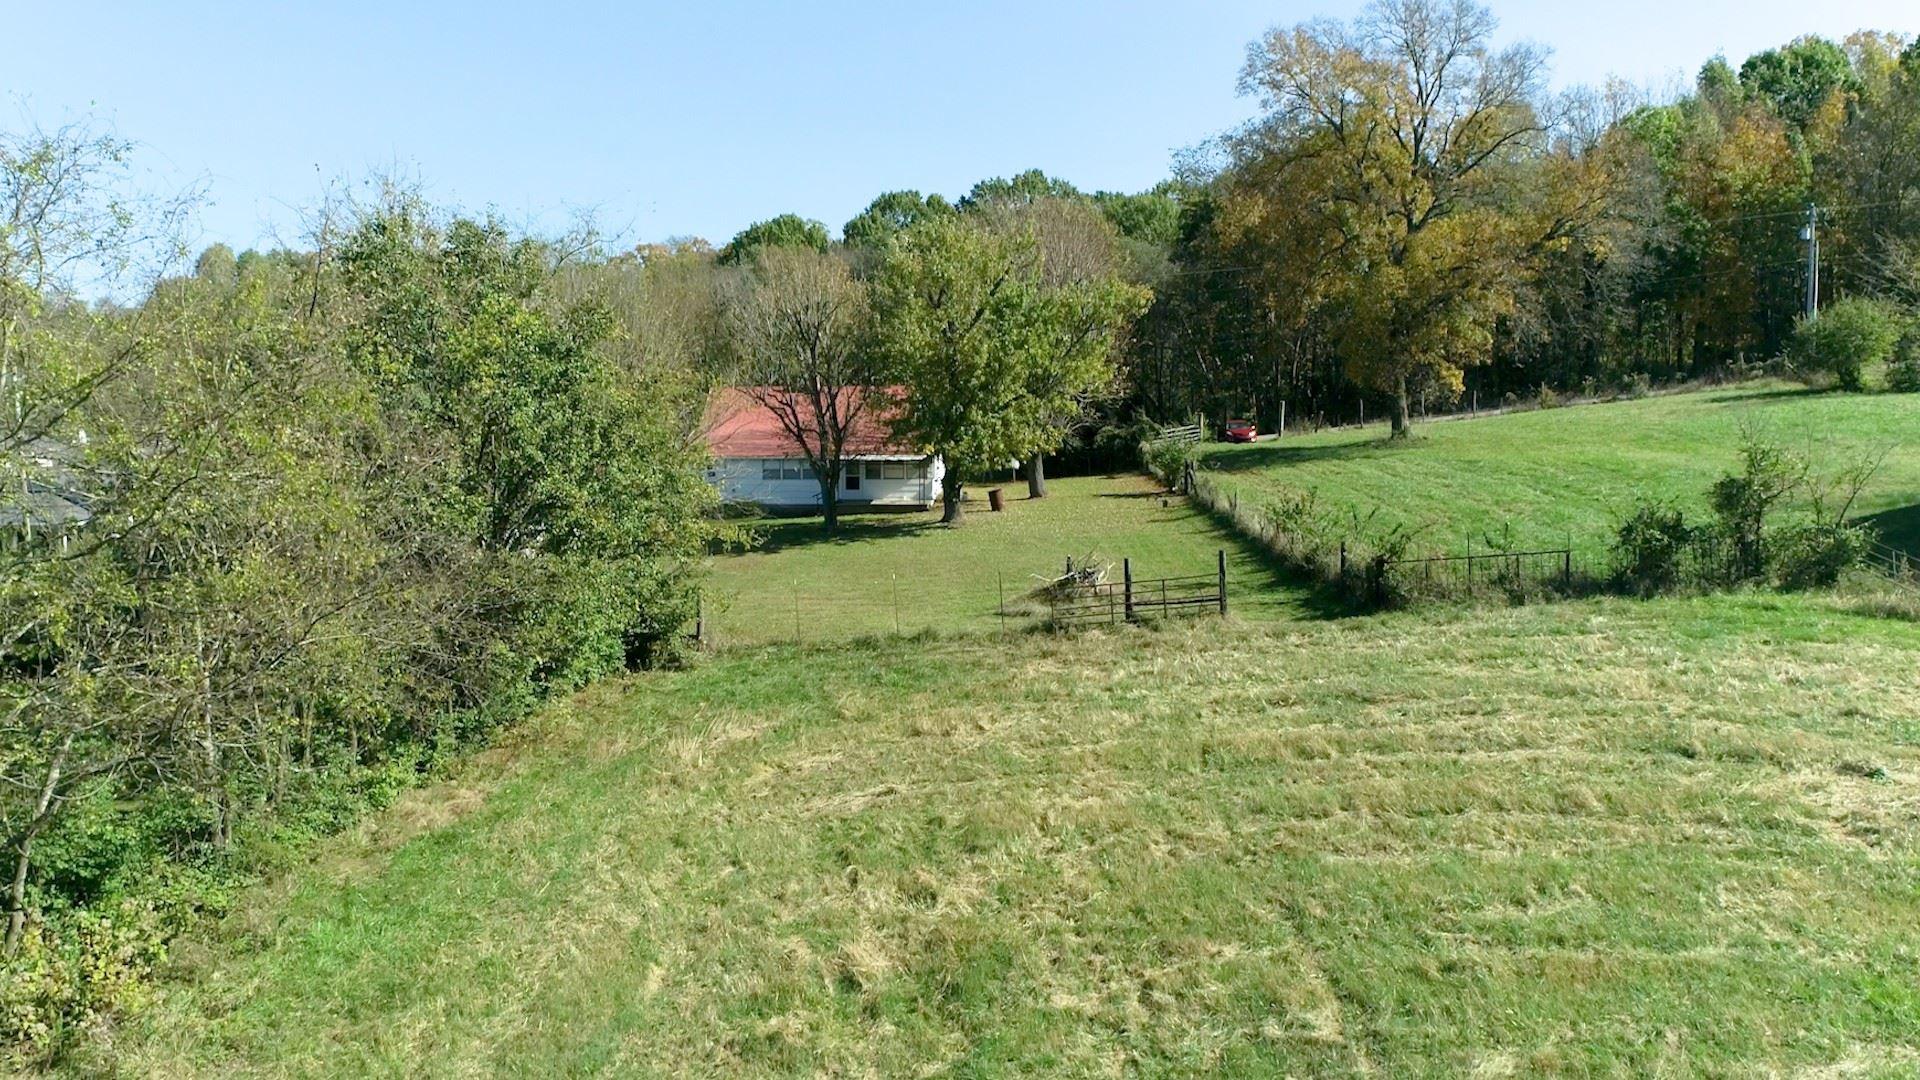 Photo of 1950 Burke Hollow Rd, Nolensville, TN 37135 (MLS # 2205350)